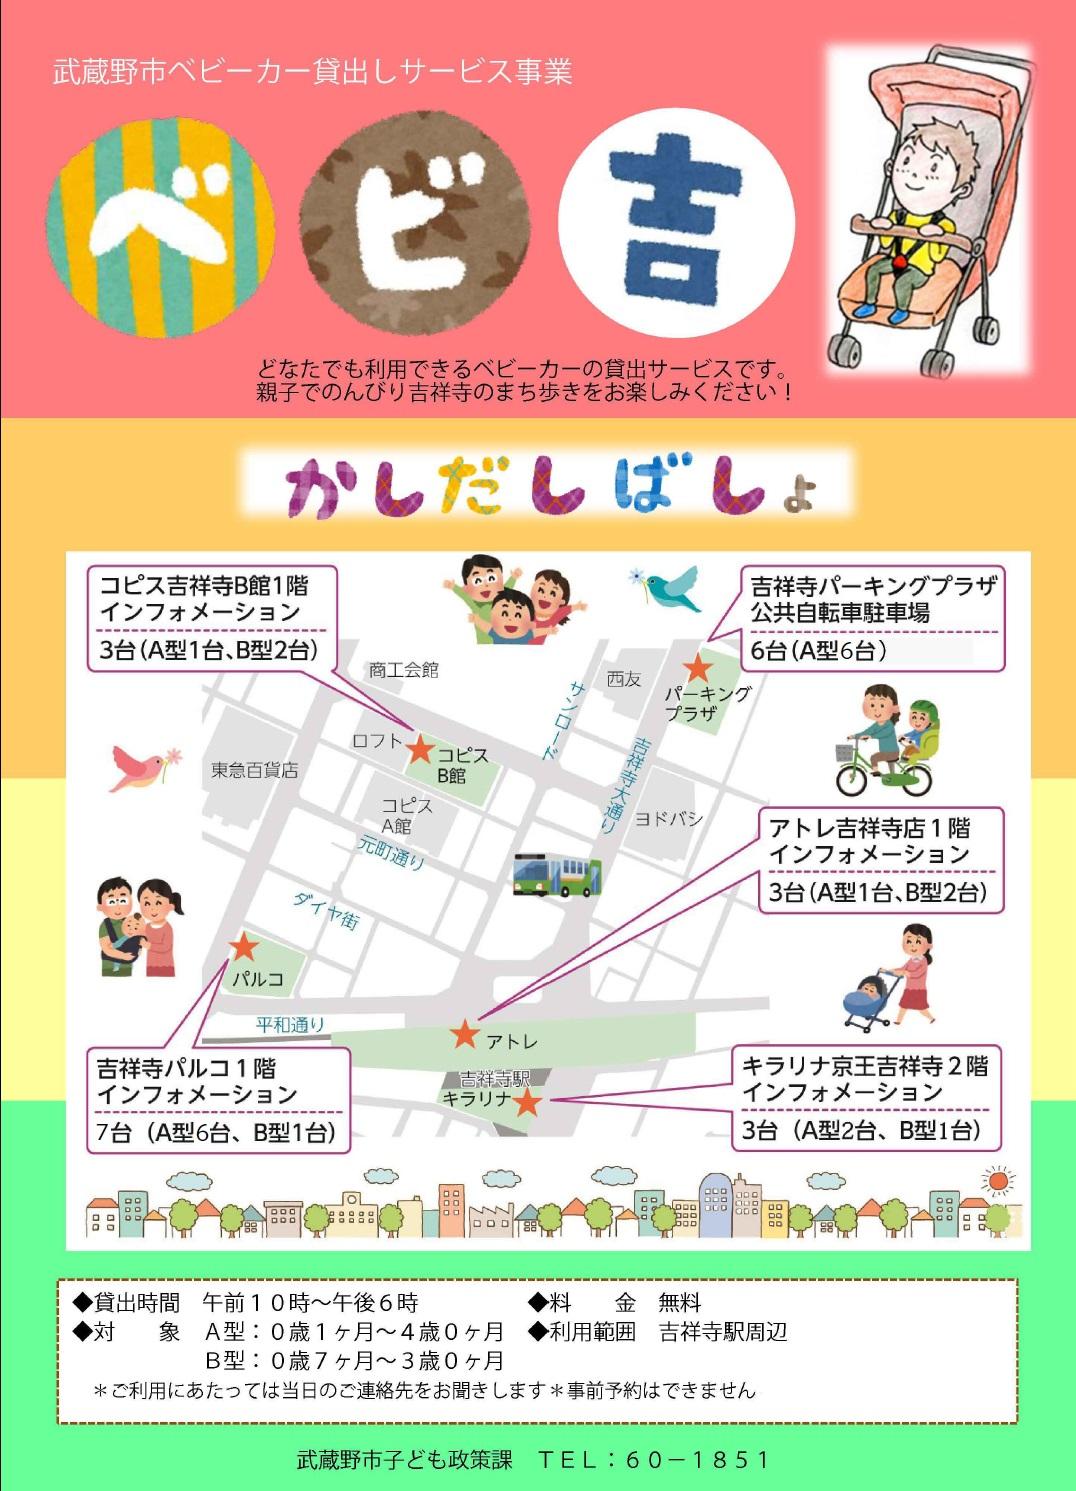 武蔵野市のベビーカー貸出しサービス事業「ベビ吉」の貸出し台数が増えました!